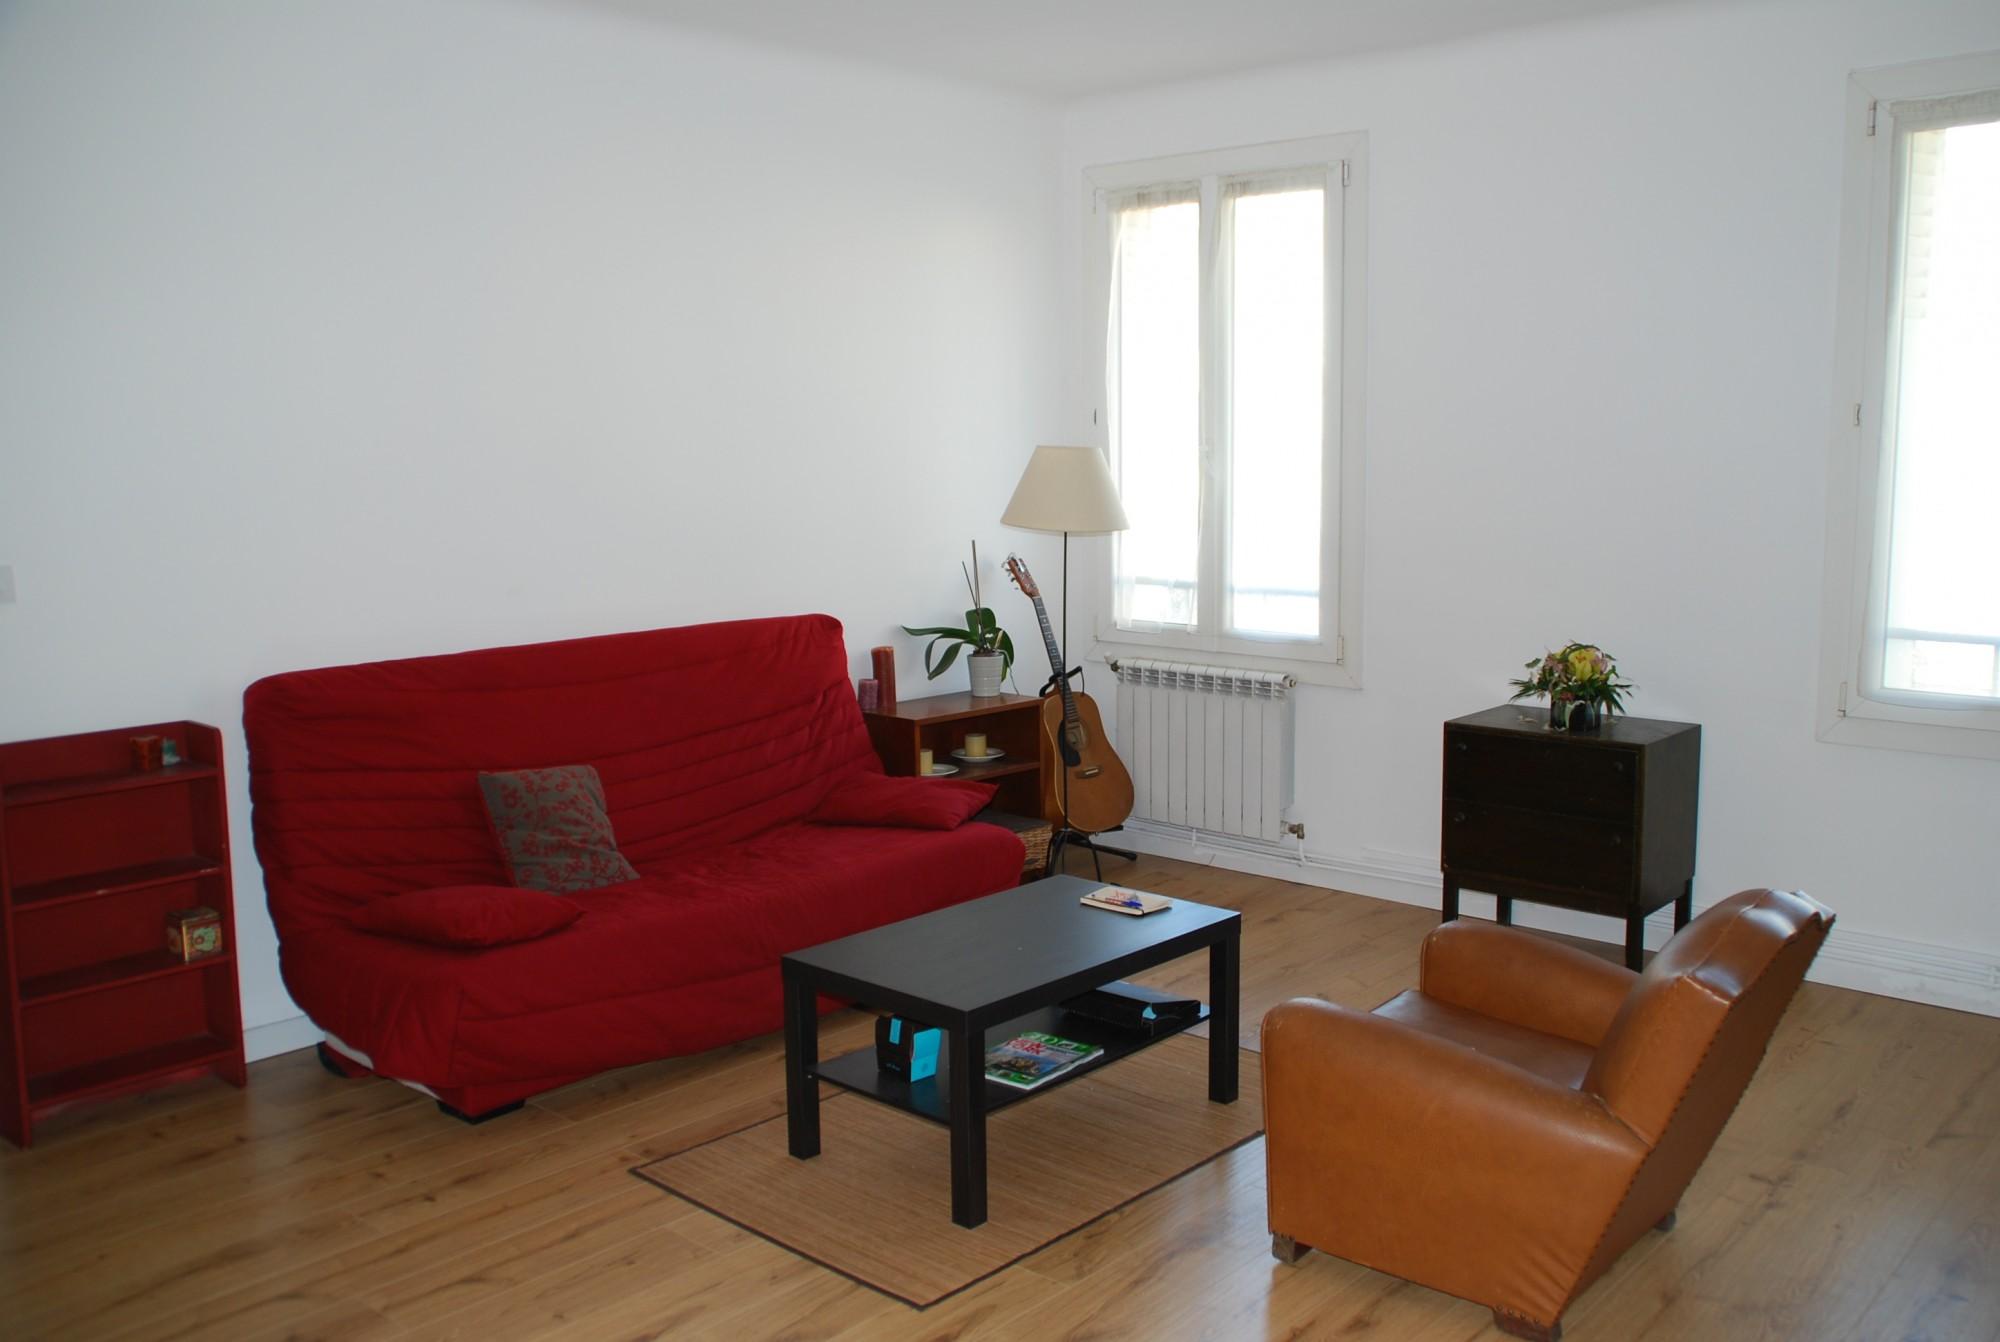 Location APPARTEMENT T2 - Marseille 13007, rue du Petit Chantier - Quartier Saint Victor, proximité centre ville et Vieux Port - Meublé, cuisine équipée, parquet, double vitrage